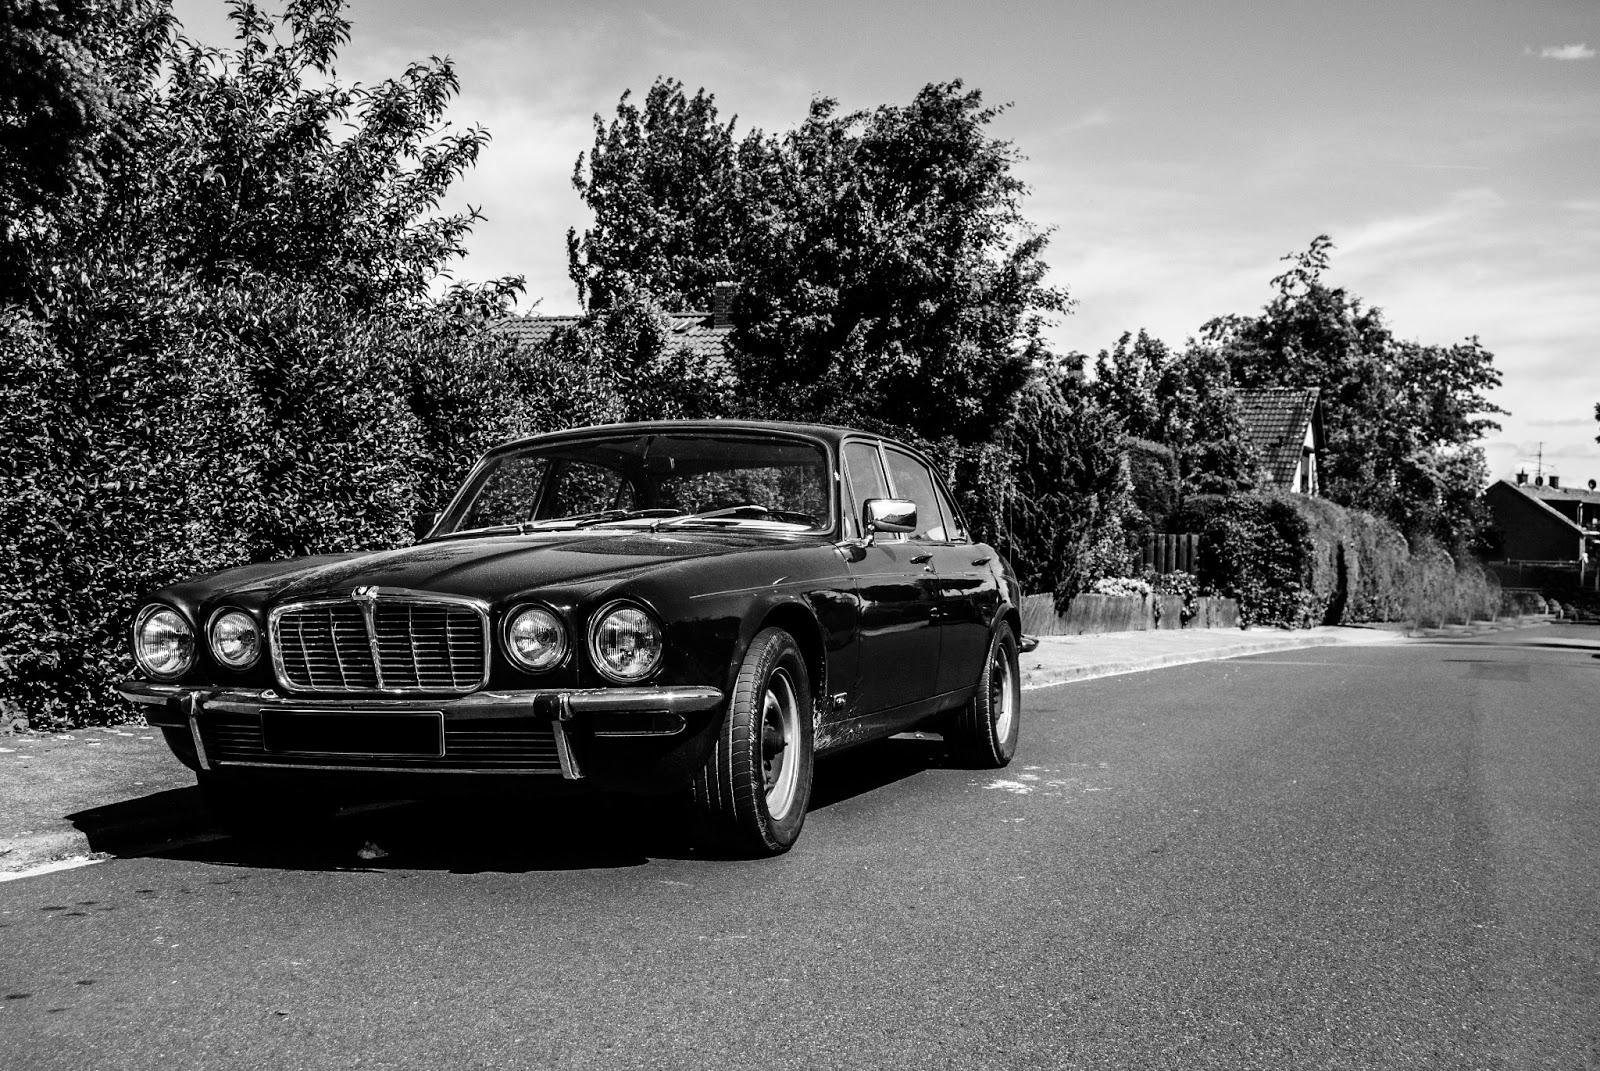 Die Karosserie Der Jaguar Xj Serien Fahrzeuge Brit Tec 1970 Xj6 Art 6 Serie Ii Von 1978